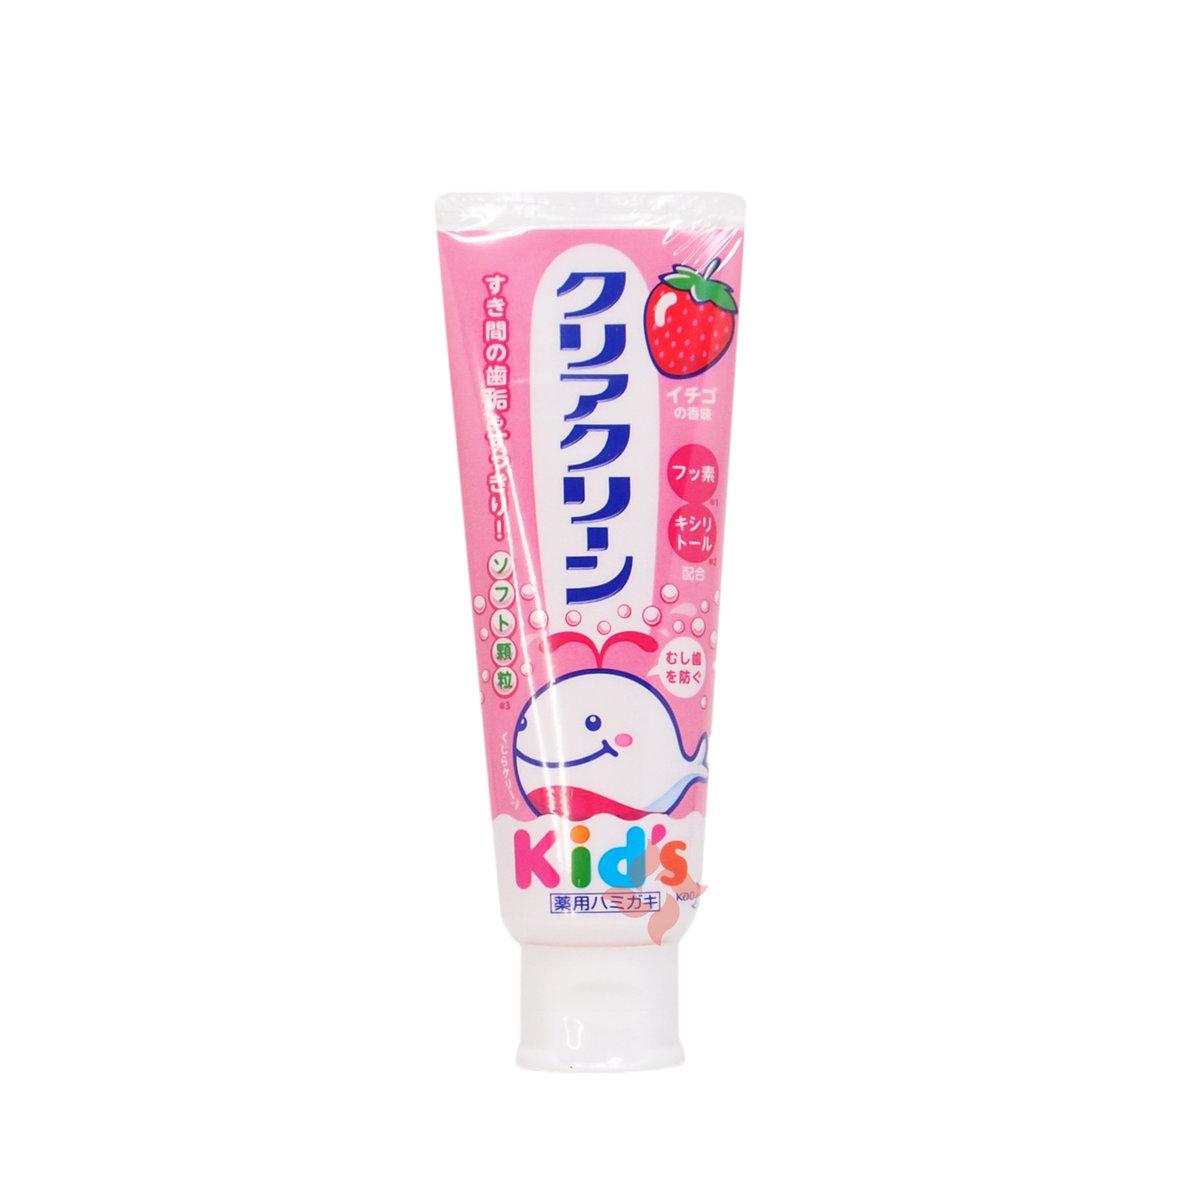 花王兒童防蛀牙防可吞咽牙膏 70g 草莓味 (4901301281623)